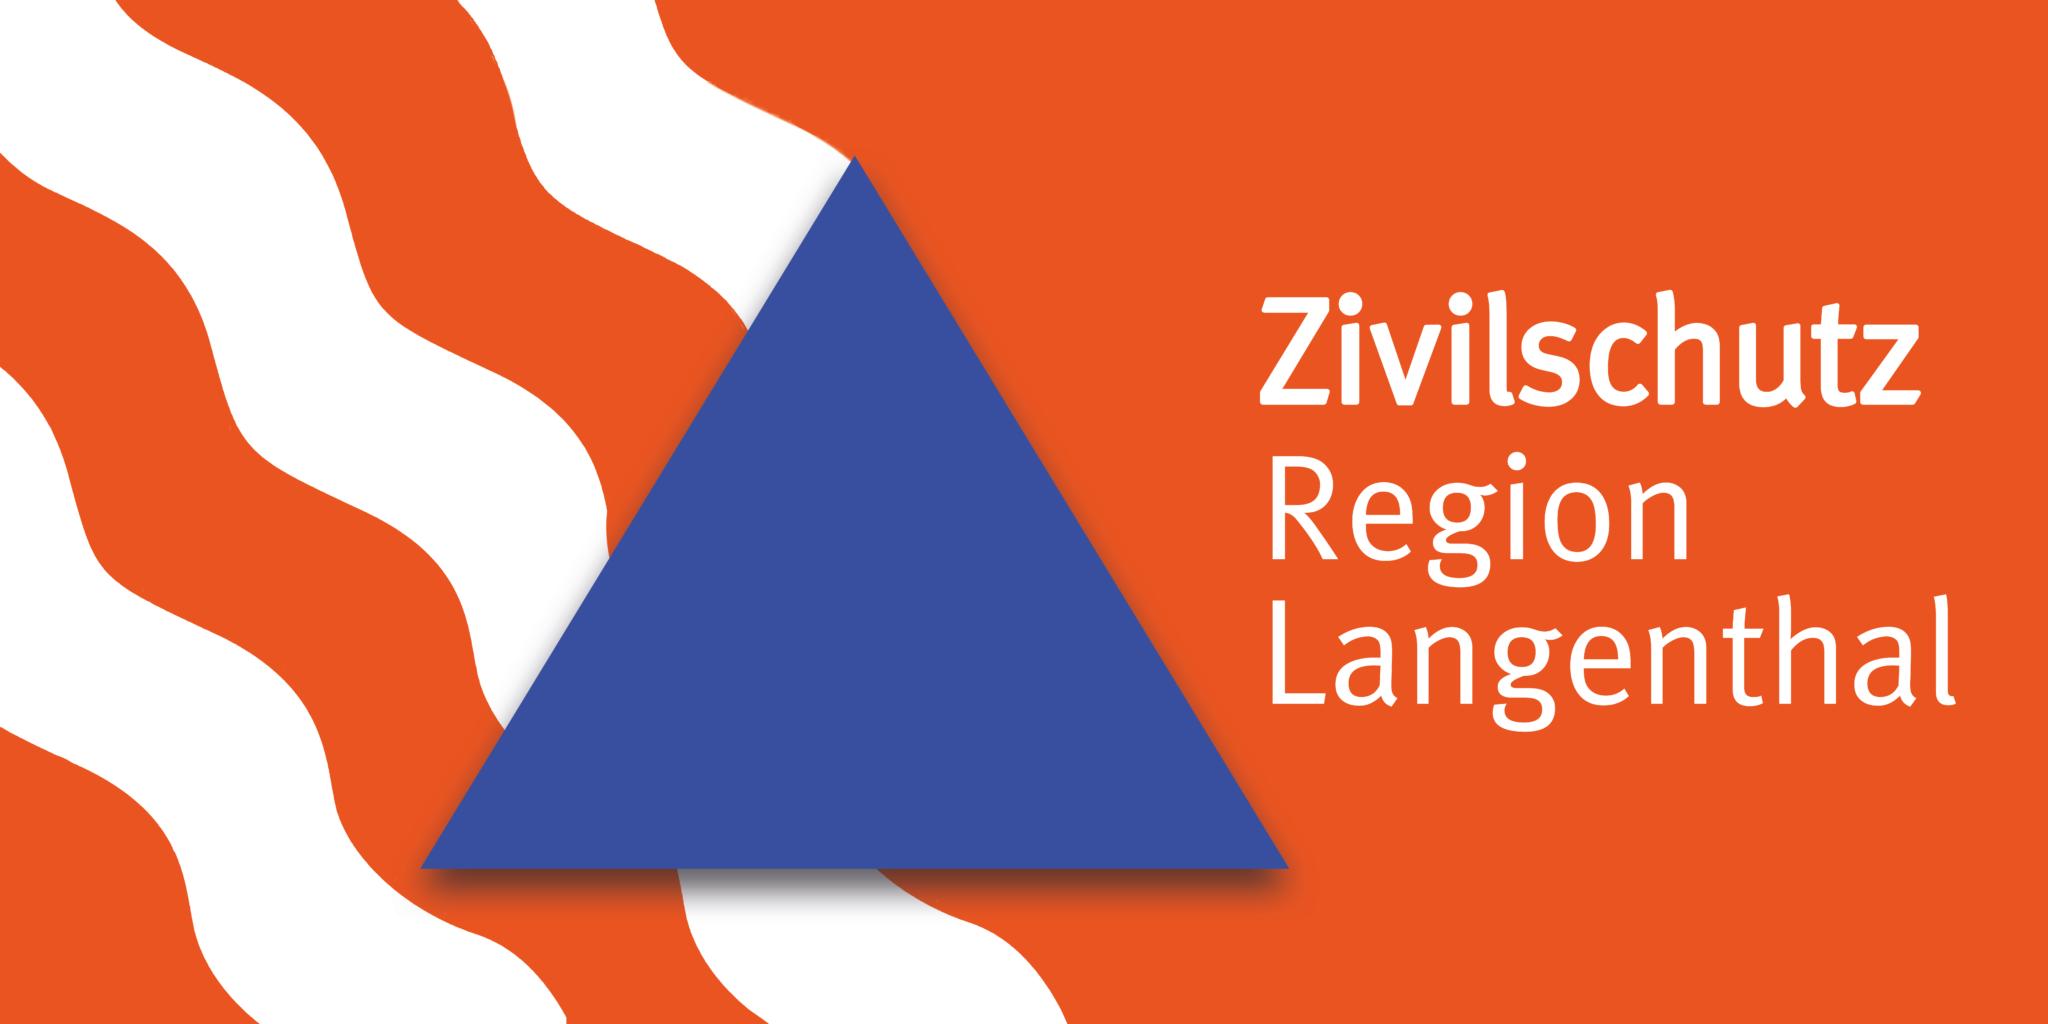 Zivilschutz Region Langenthal